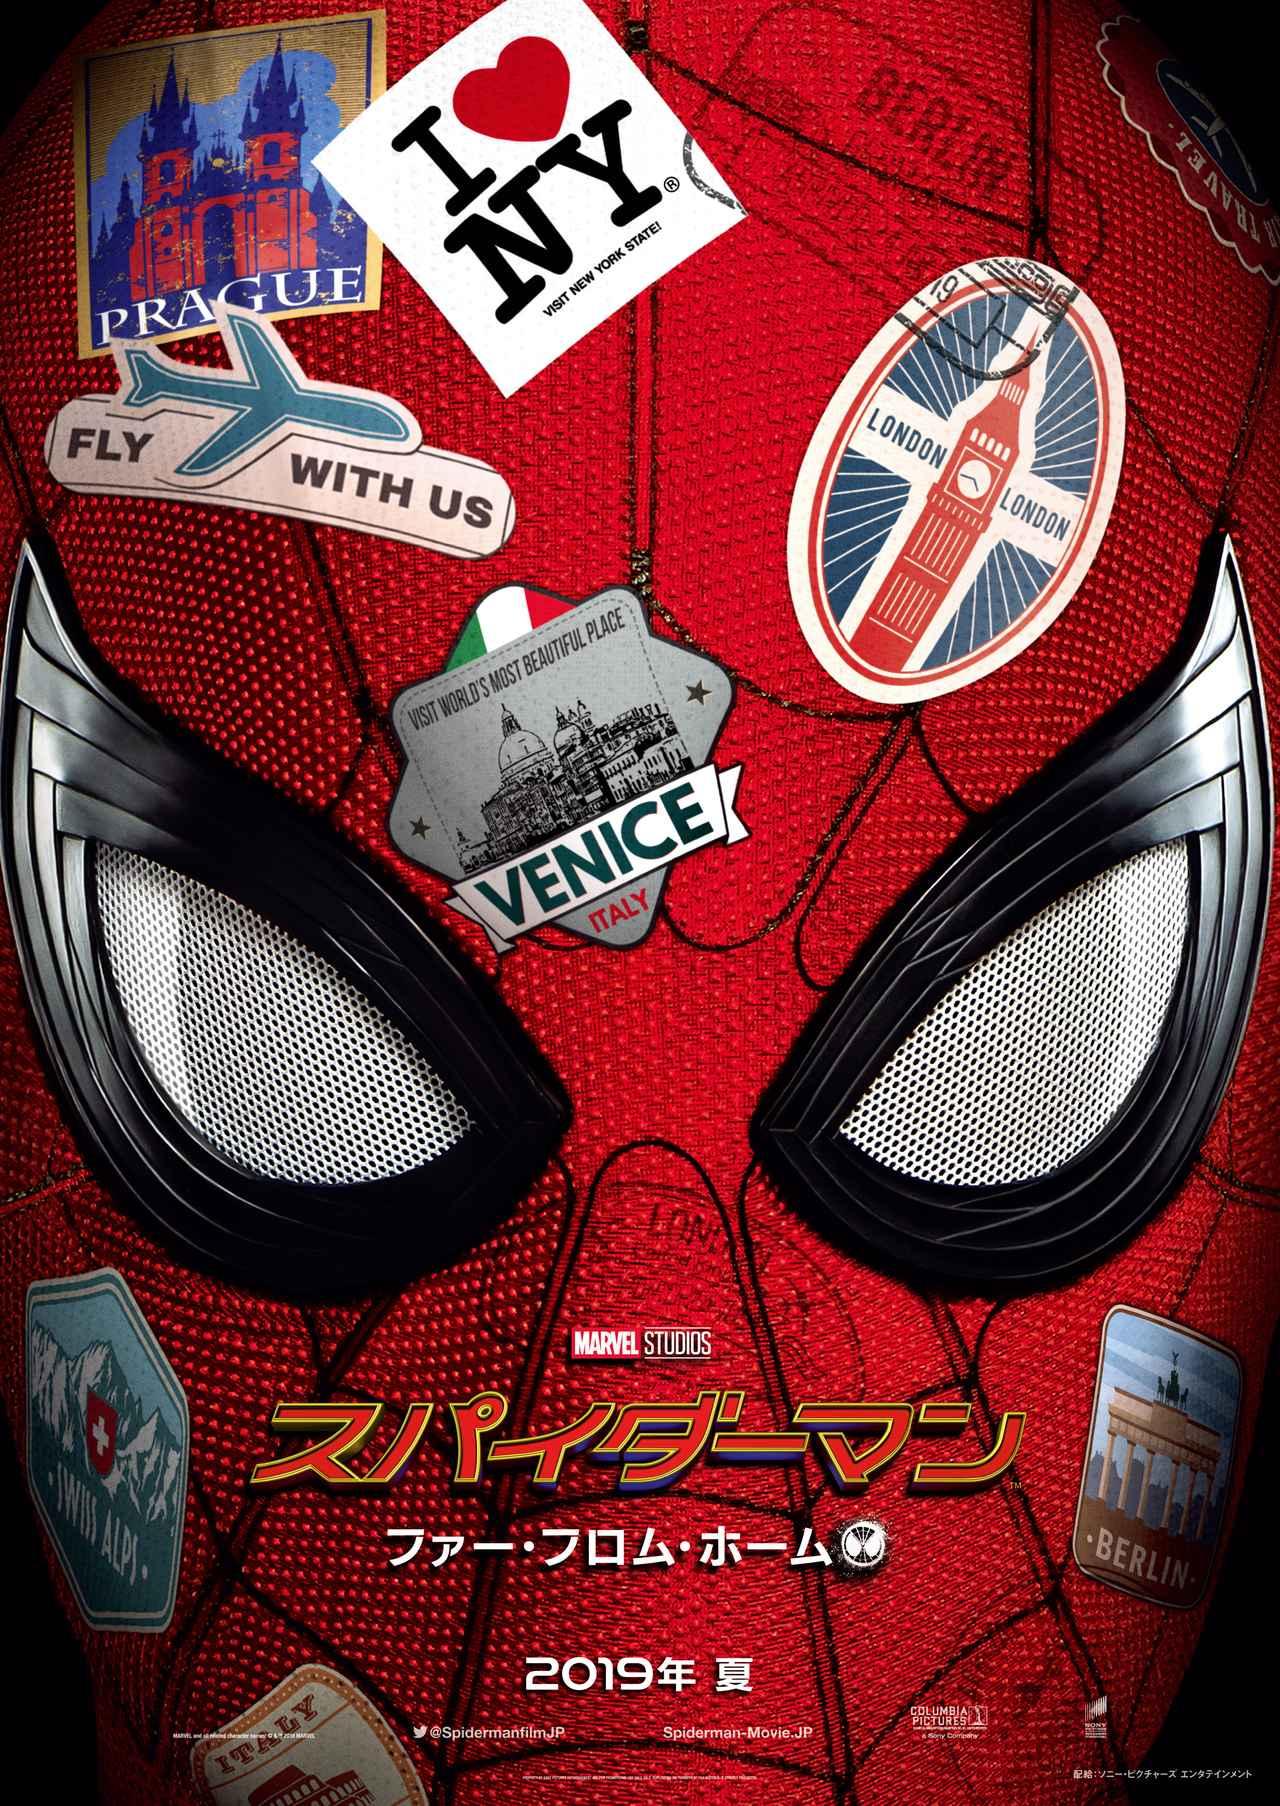 画像1: 『スパイダーマン:ファー・フロム・ホーム』日本版予告編&ポスターが解禁